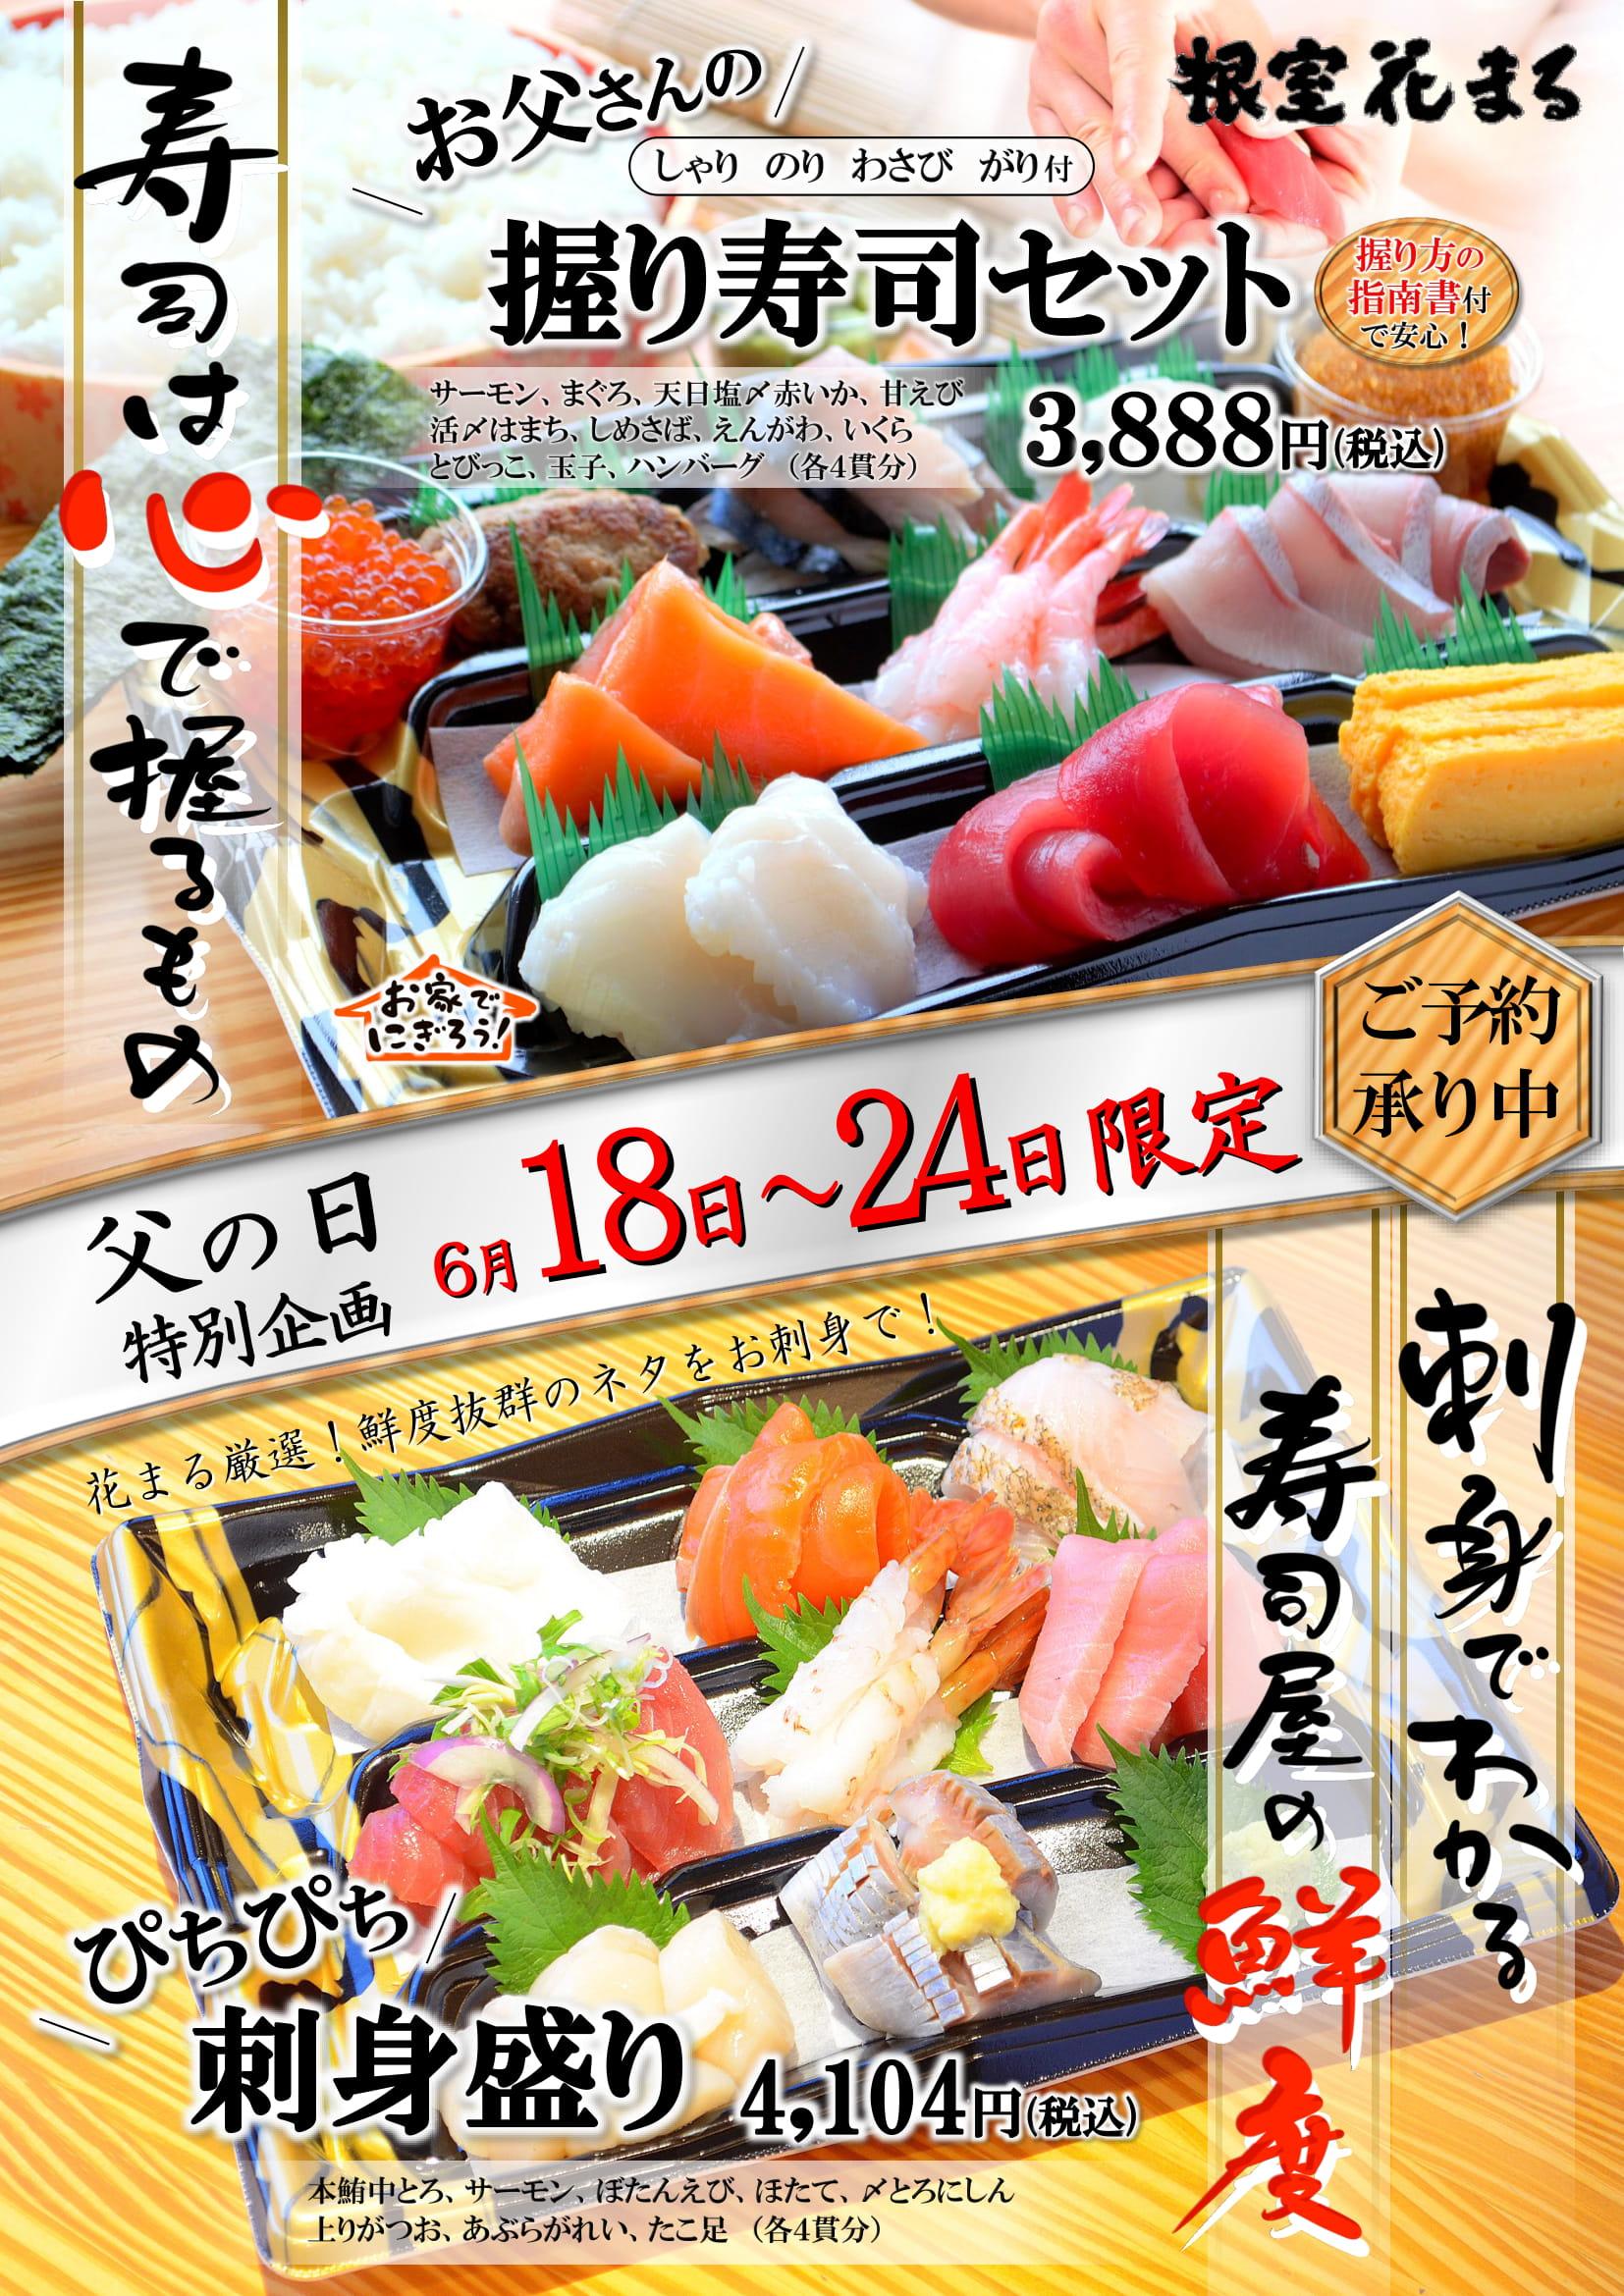 父の日特別商品_お父さんの握り寿司セットと刺身盛り合わせ(POP)5校(1)-1.jpg